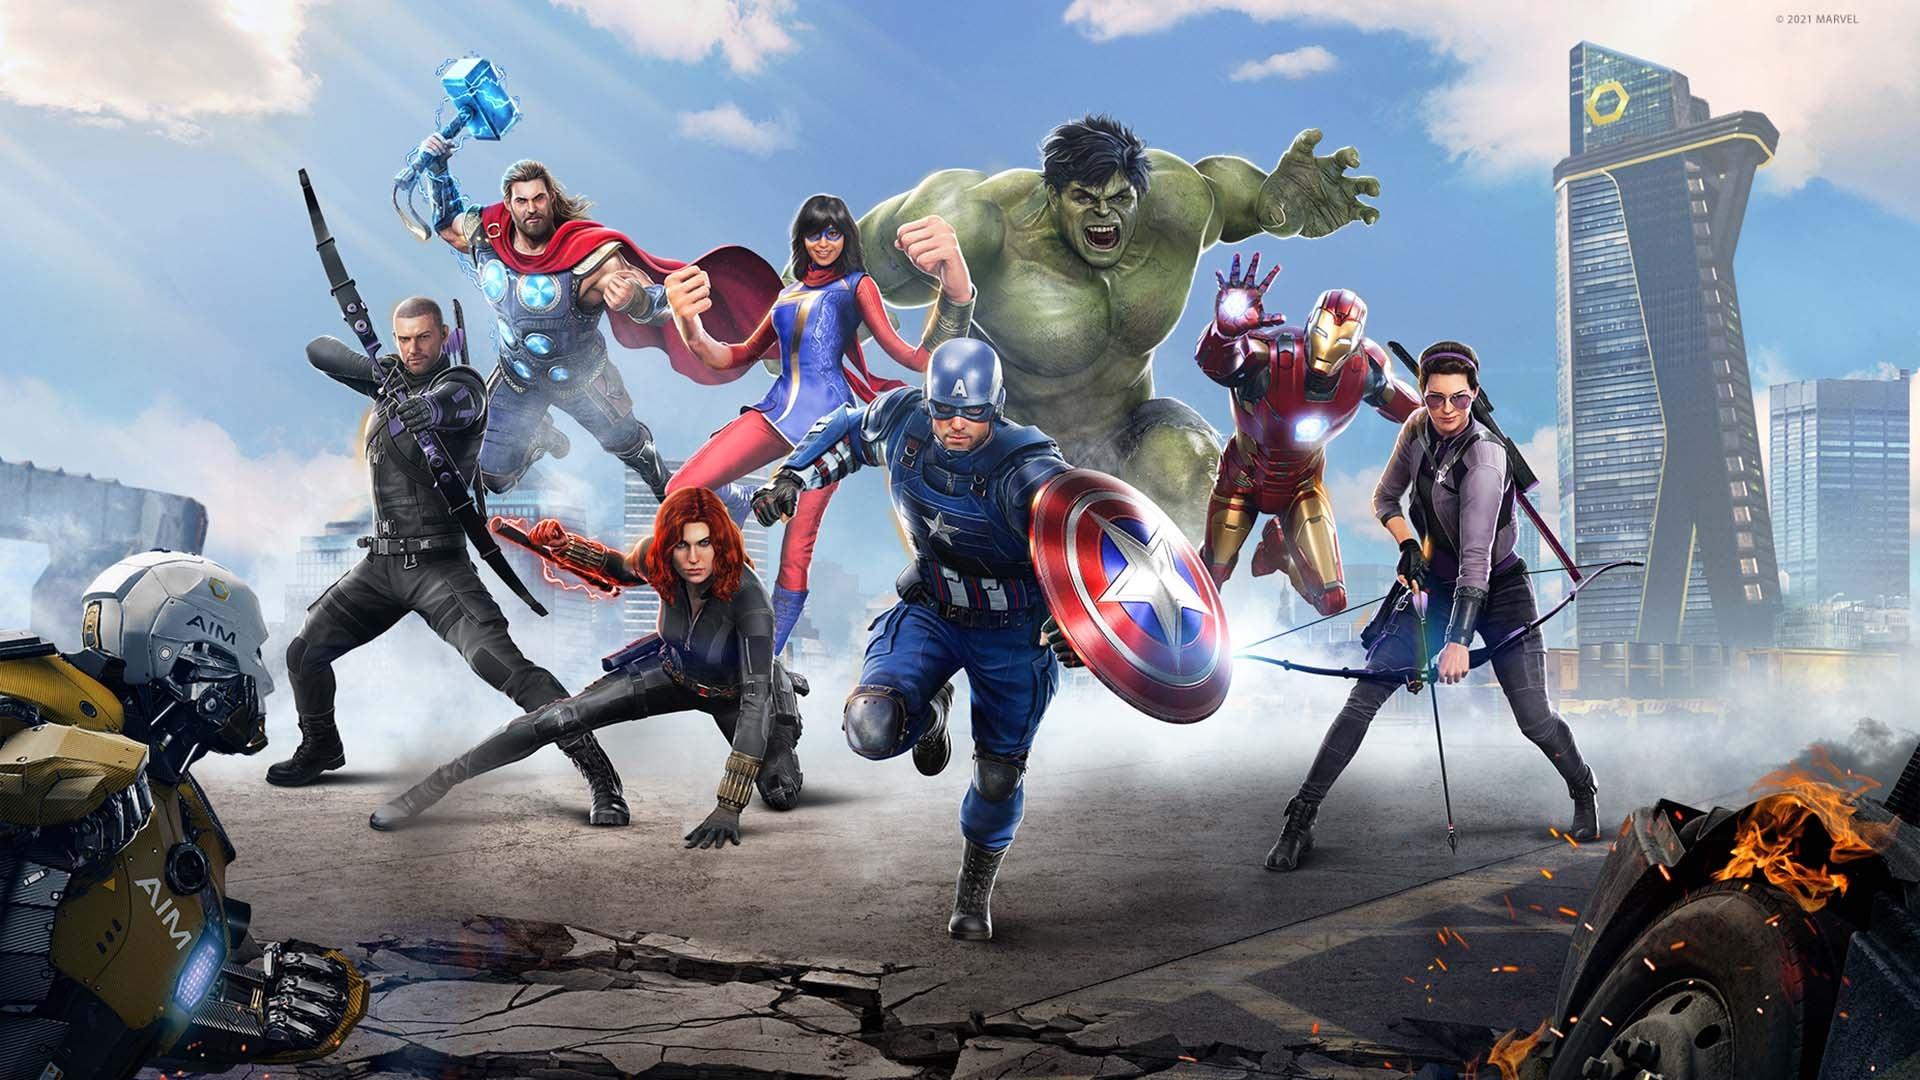 تریلر DLC جدید بازی Marvel's Avengers منتشر شد